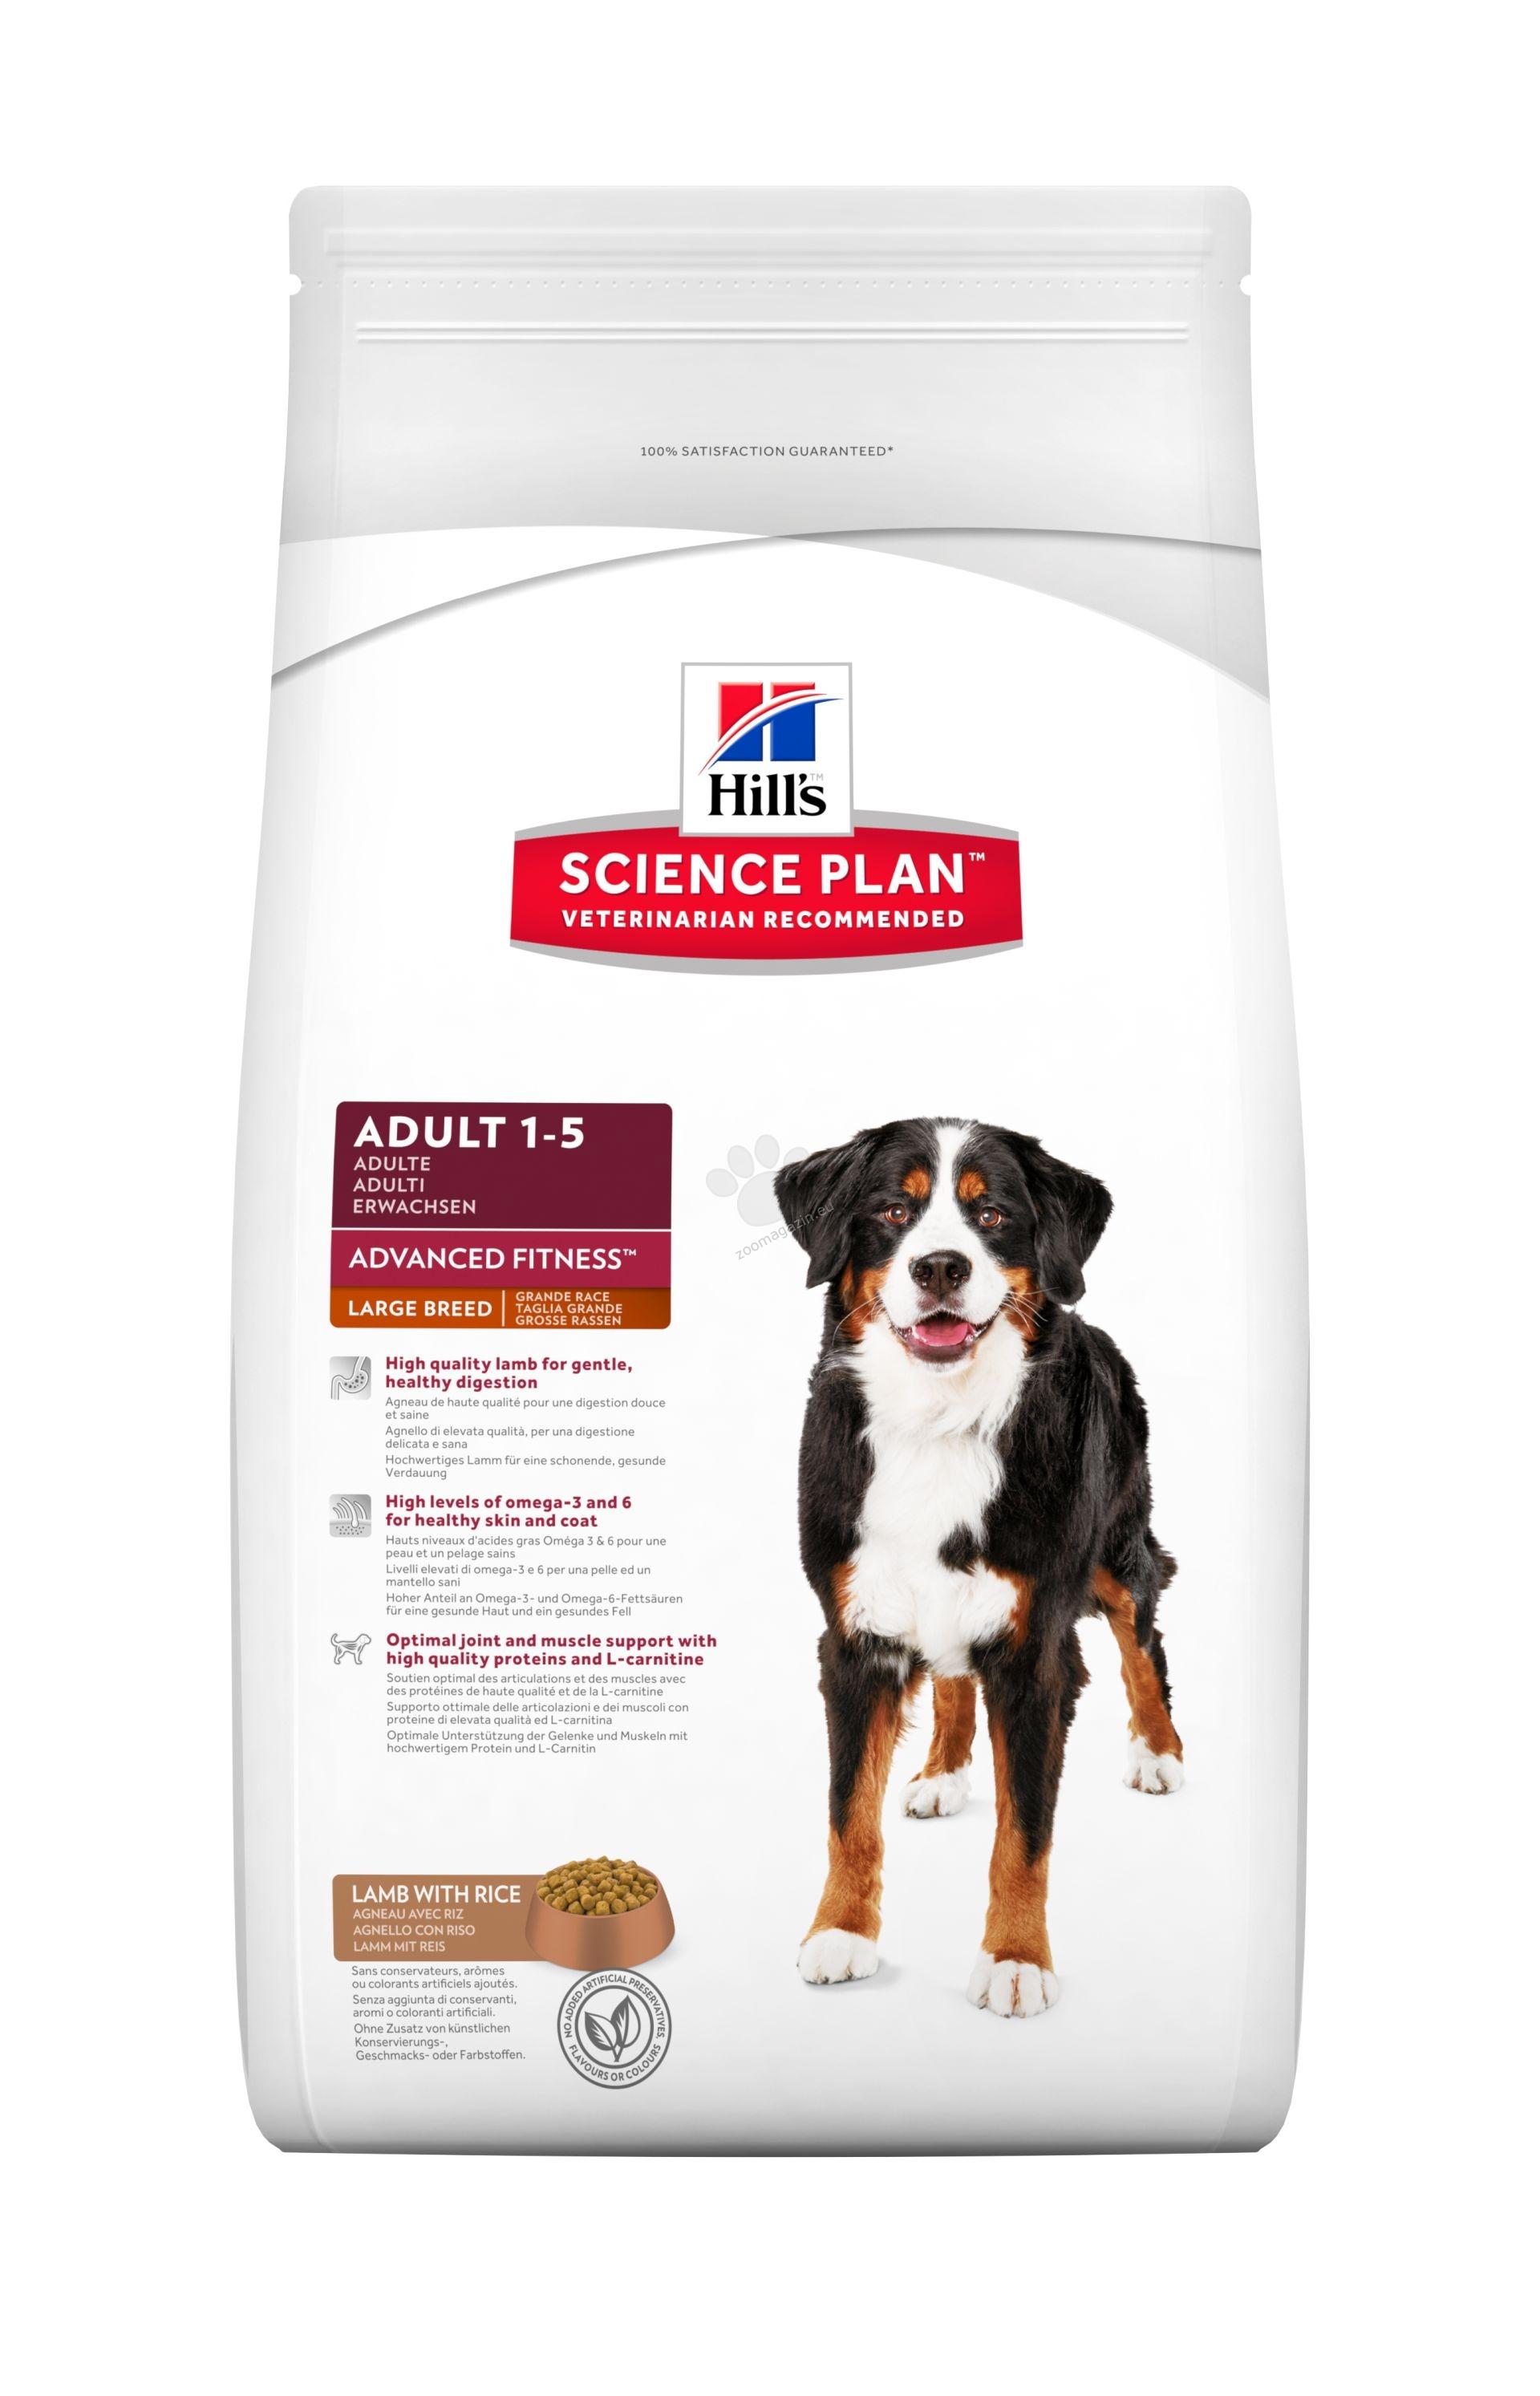 Hills Science Plan Canine Adult Advanced Fitness Large Breed Lamb & Rice - Агнешко&oриз - Кучета от едри породи над 25 кг с умерени енергийни нужди на възраст от 1 до 7 години 12 кг. + ПОДАРЪК: Лакомство Hill's и чантичка за обучение